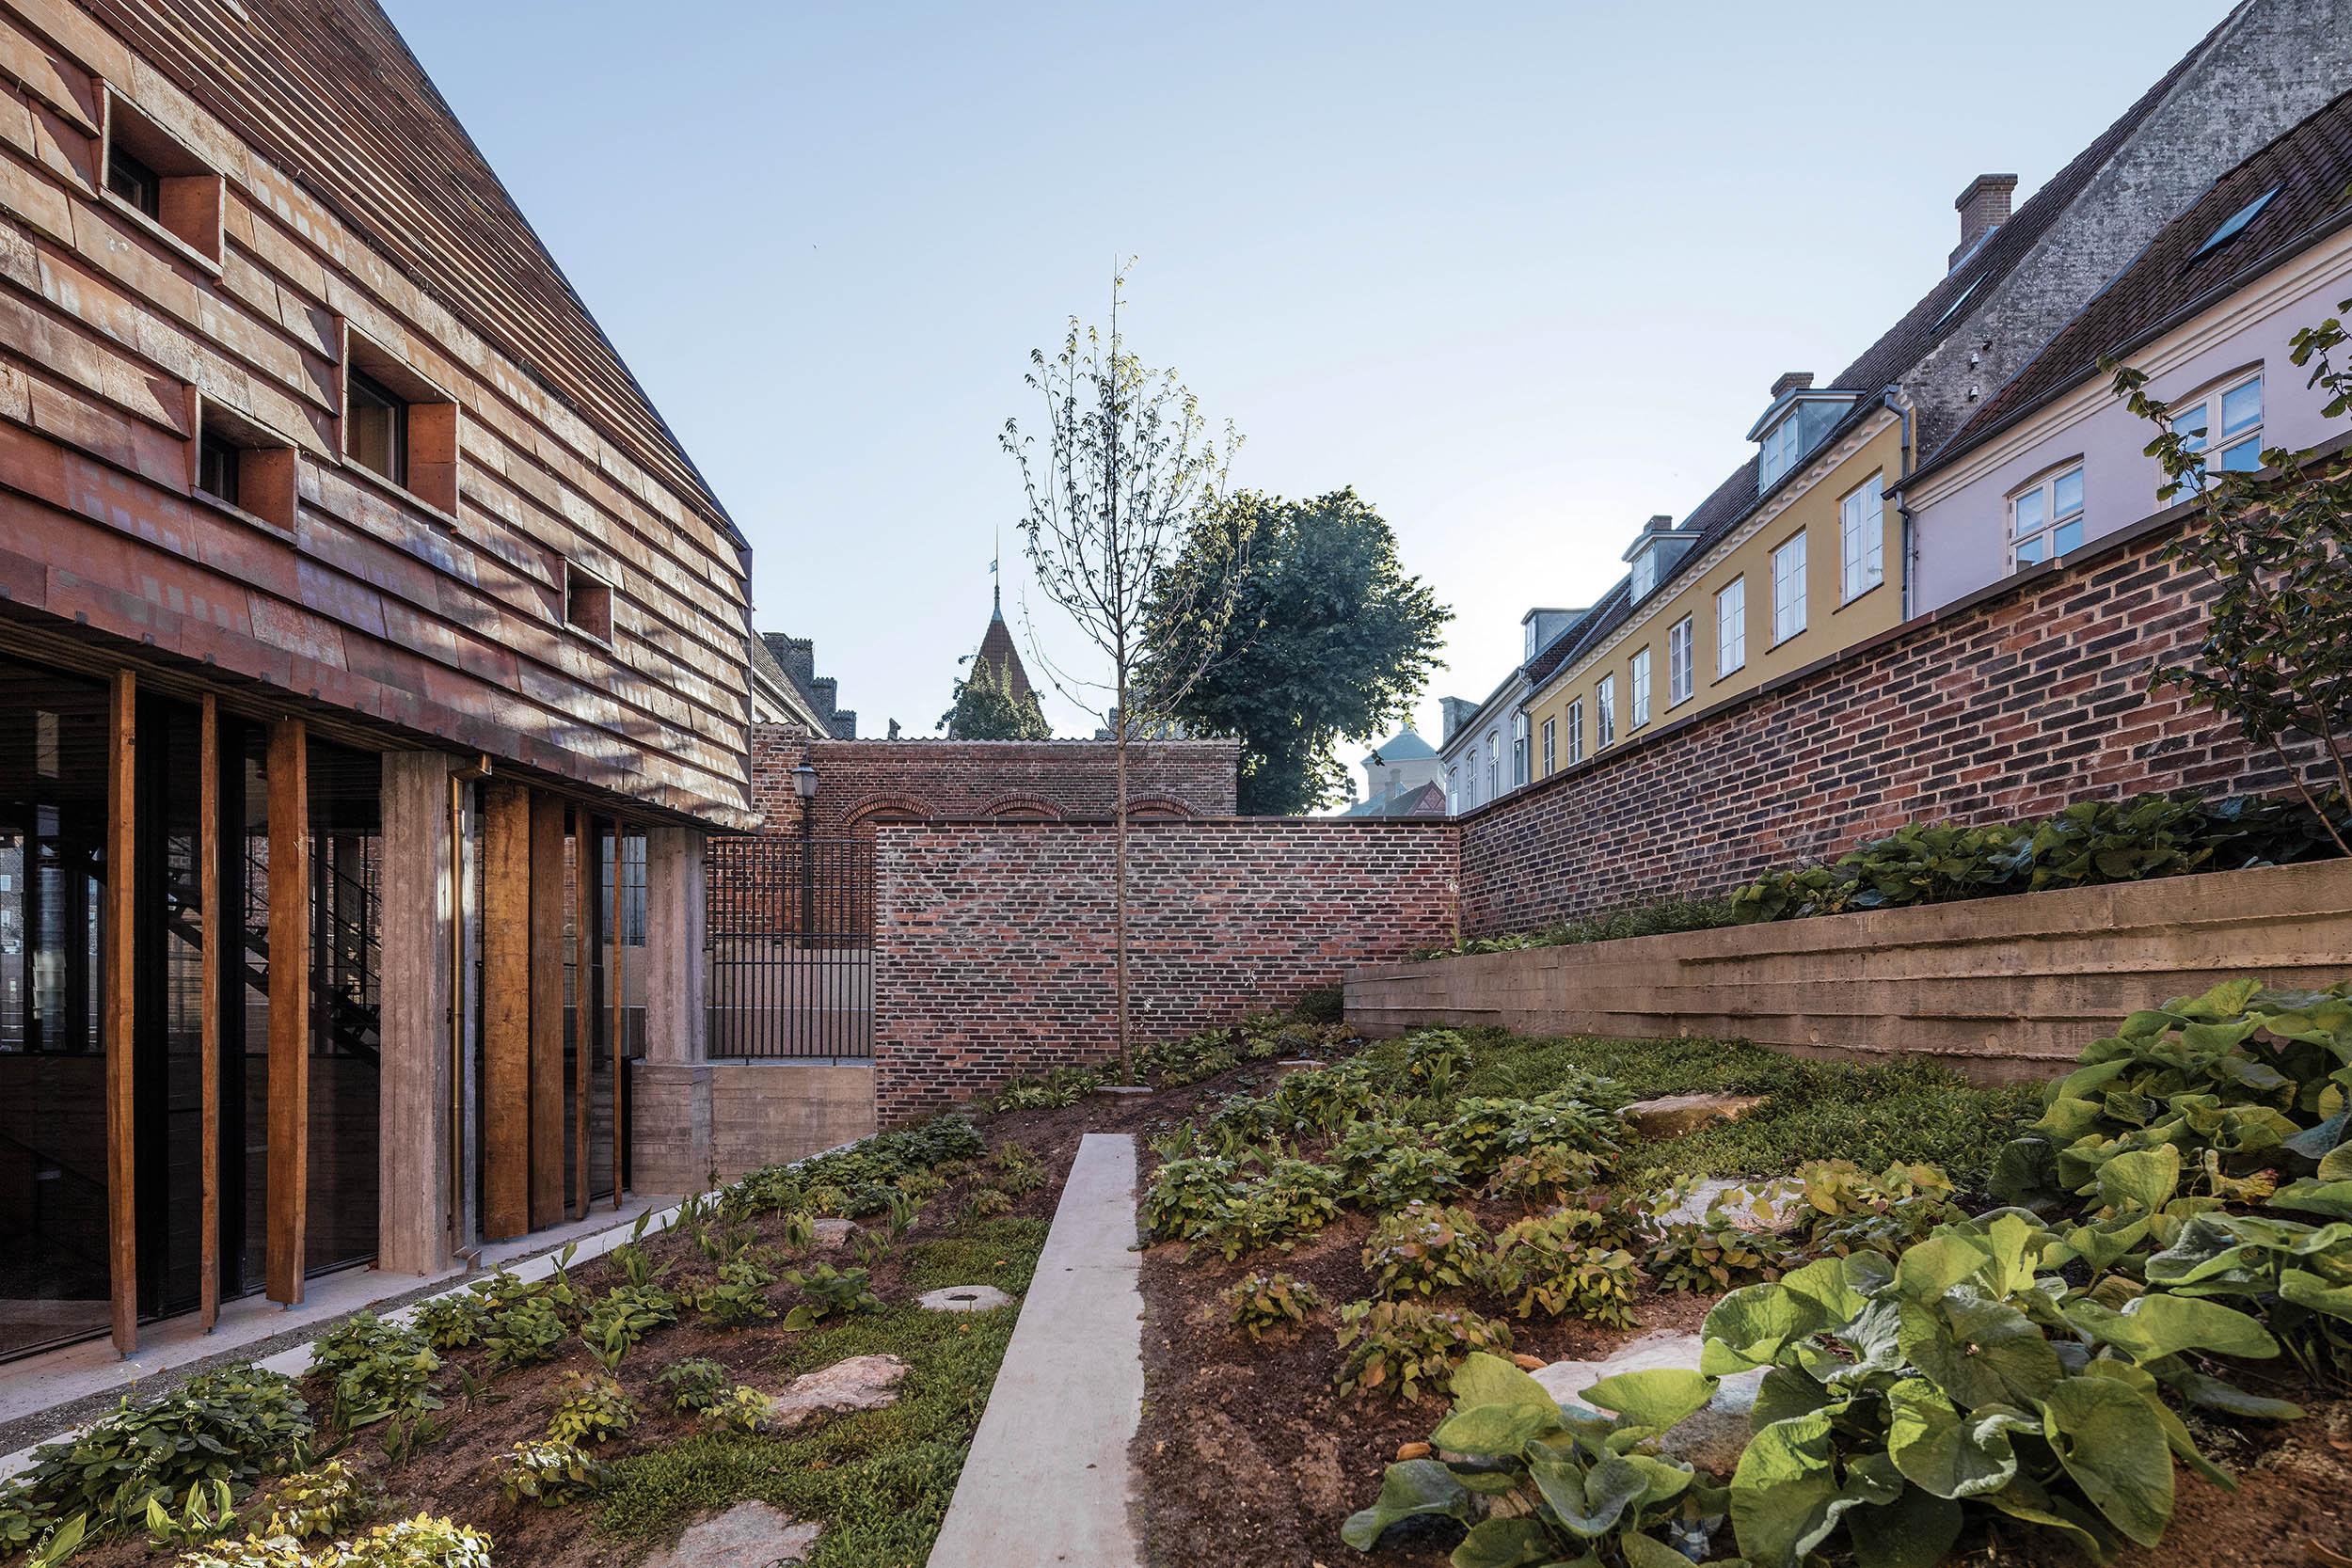 Mod syd er der anlagt en intim gårdhave, afgrænset af en mur langs Sønderportsgade og Rykind.